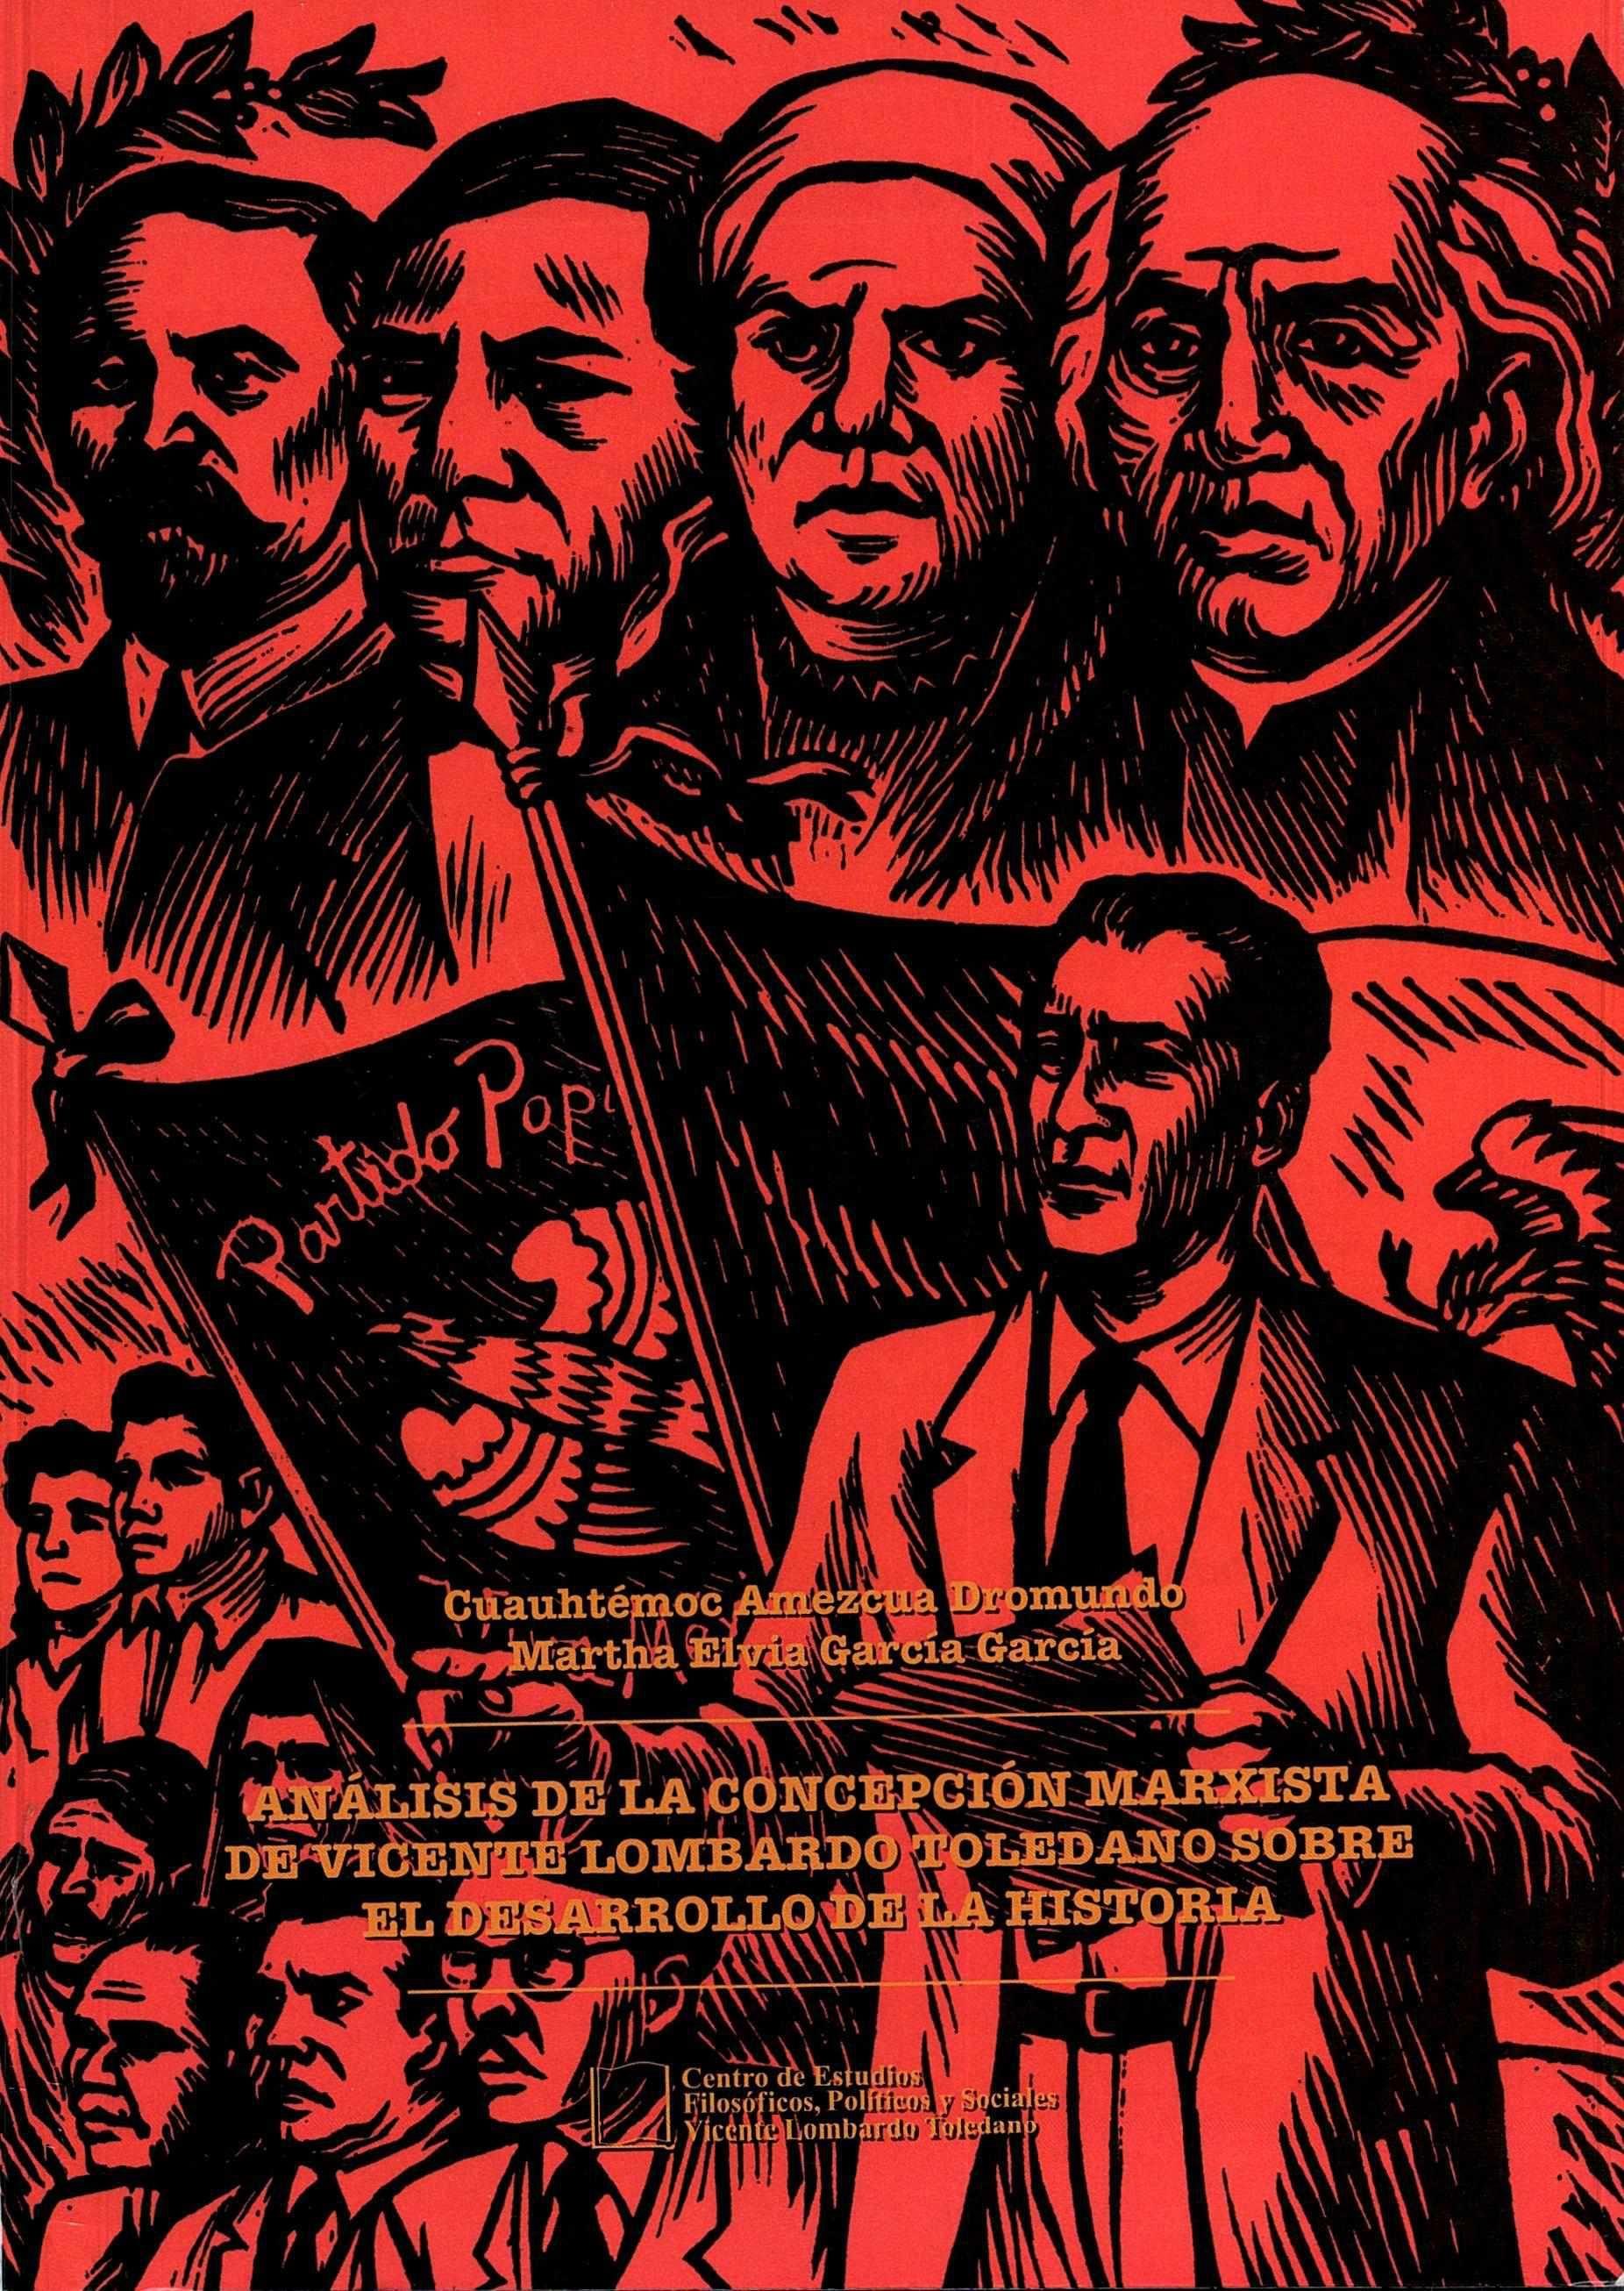 Portada del libro: ANÁLISIS DE LA CONCEPCIÓN MARXISTA DE VICENTE LOMBARDO TOLEDANO SOBRE EL DESARROLLO DE LA HISTORIA